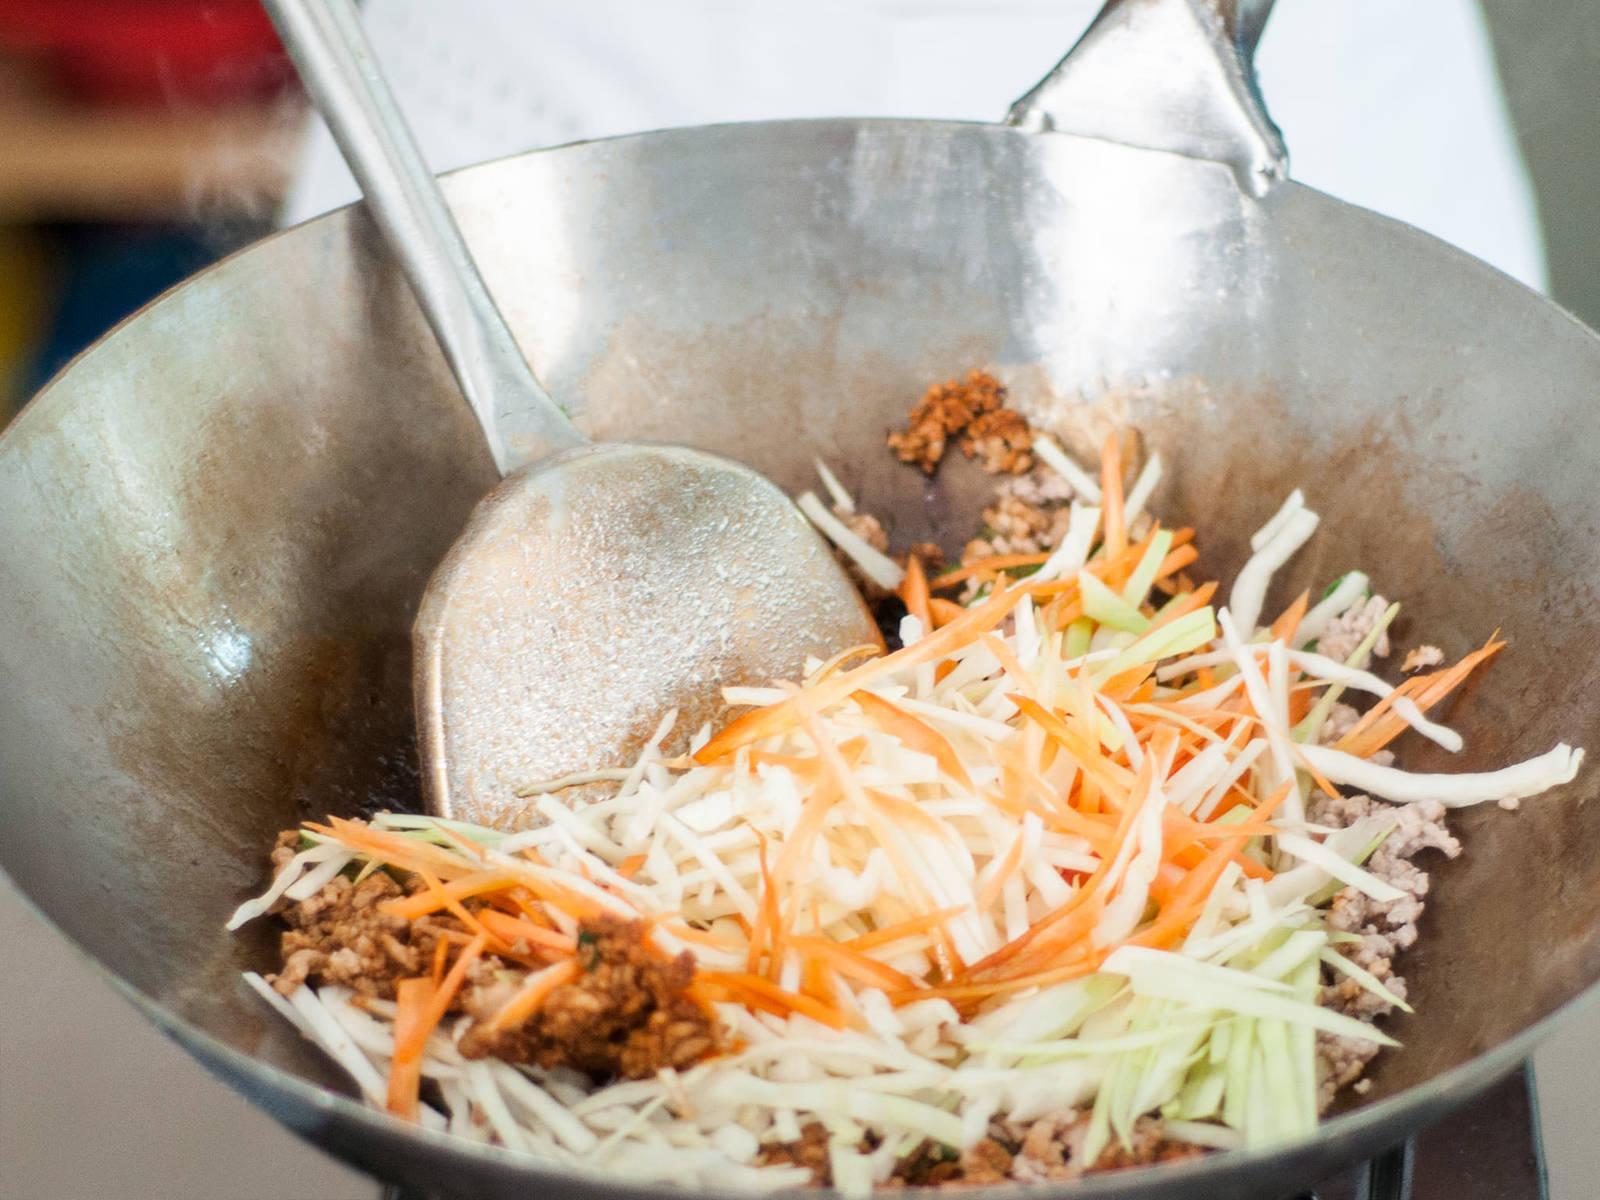 往炒锅中倒油,翻炒猪肉末2-3分钟,直至猪肉变棕色。加入胡萝卜和卷心菜,小火翻炒至蔬菜变软,约需6-7分钟。放入生姜片、蒜片和香葱末。用五香粉、盐、胡椒和老抽调味。